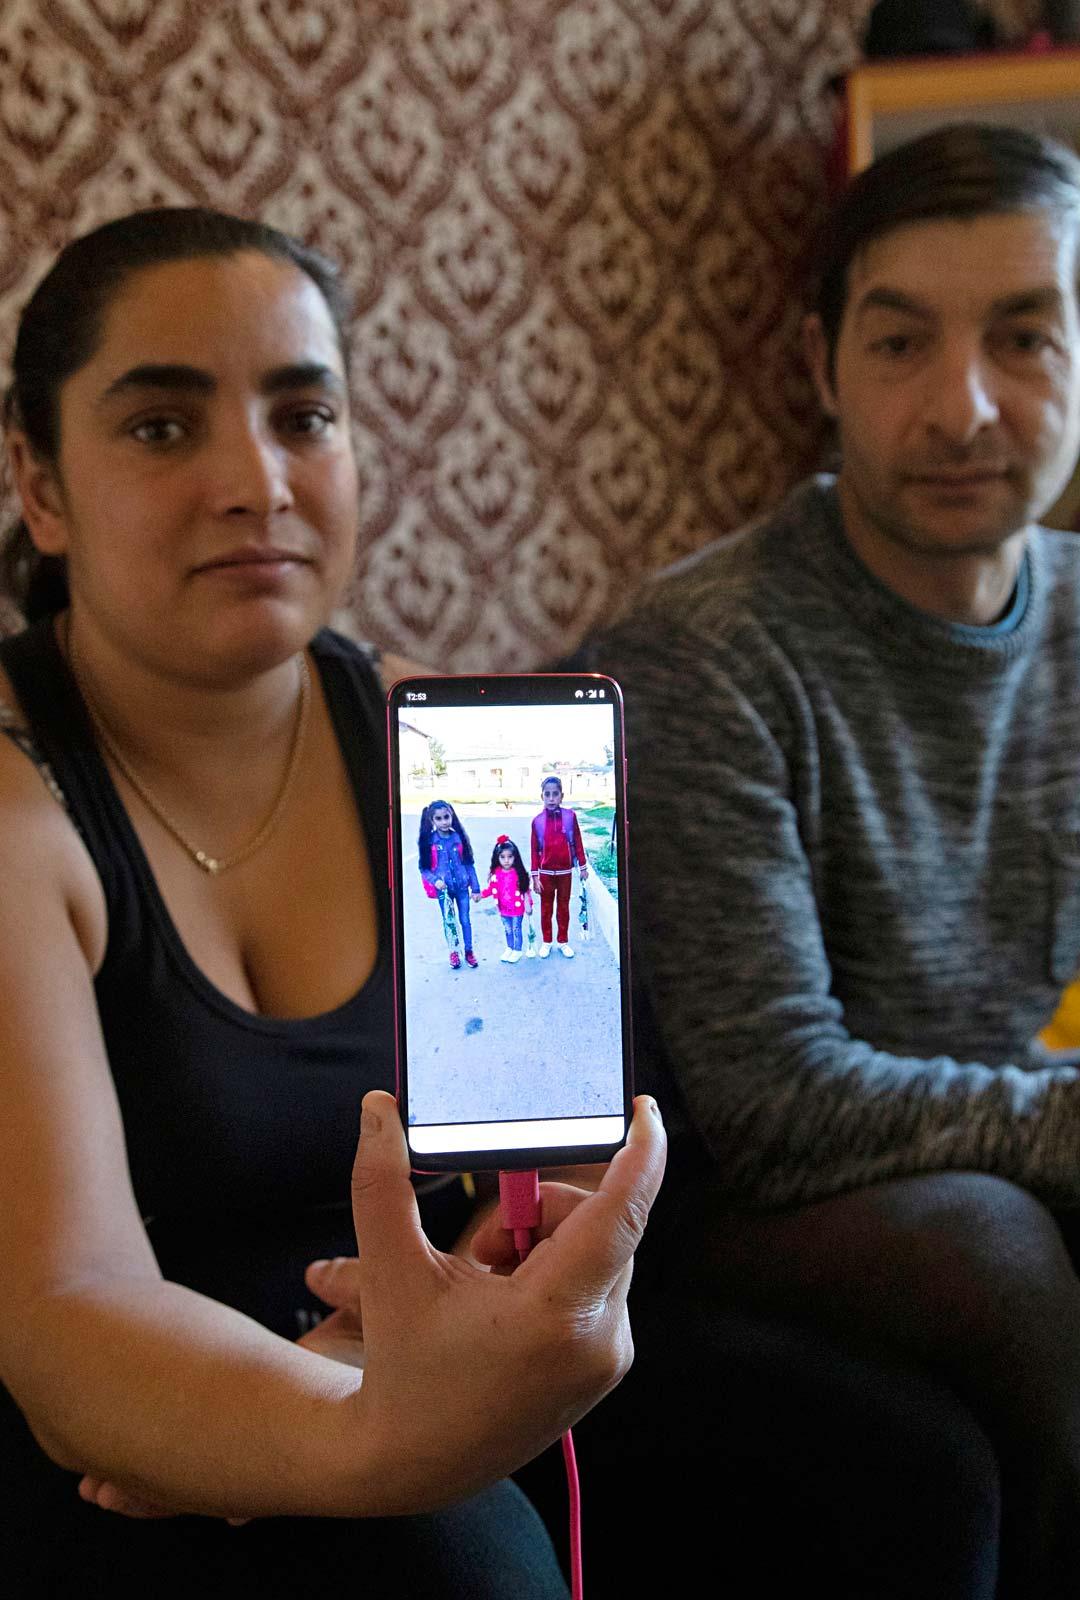 Lidia kaipaa Romaniassa olevaa tytärtään ja soittaa tälle joka päivä. Tällä hetkellä tytär asuu Lidian isosiskon ja tämän perheen kanssa. Vahvat perhesiteet ja sisarusten lapsista huolehtiminen ovat romanien keskuudessa yleistä.